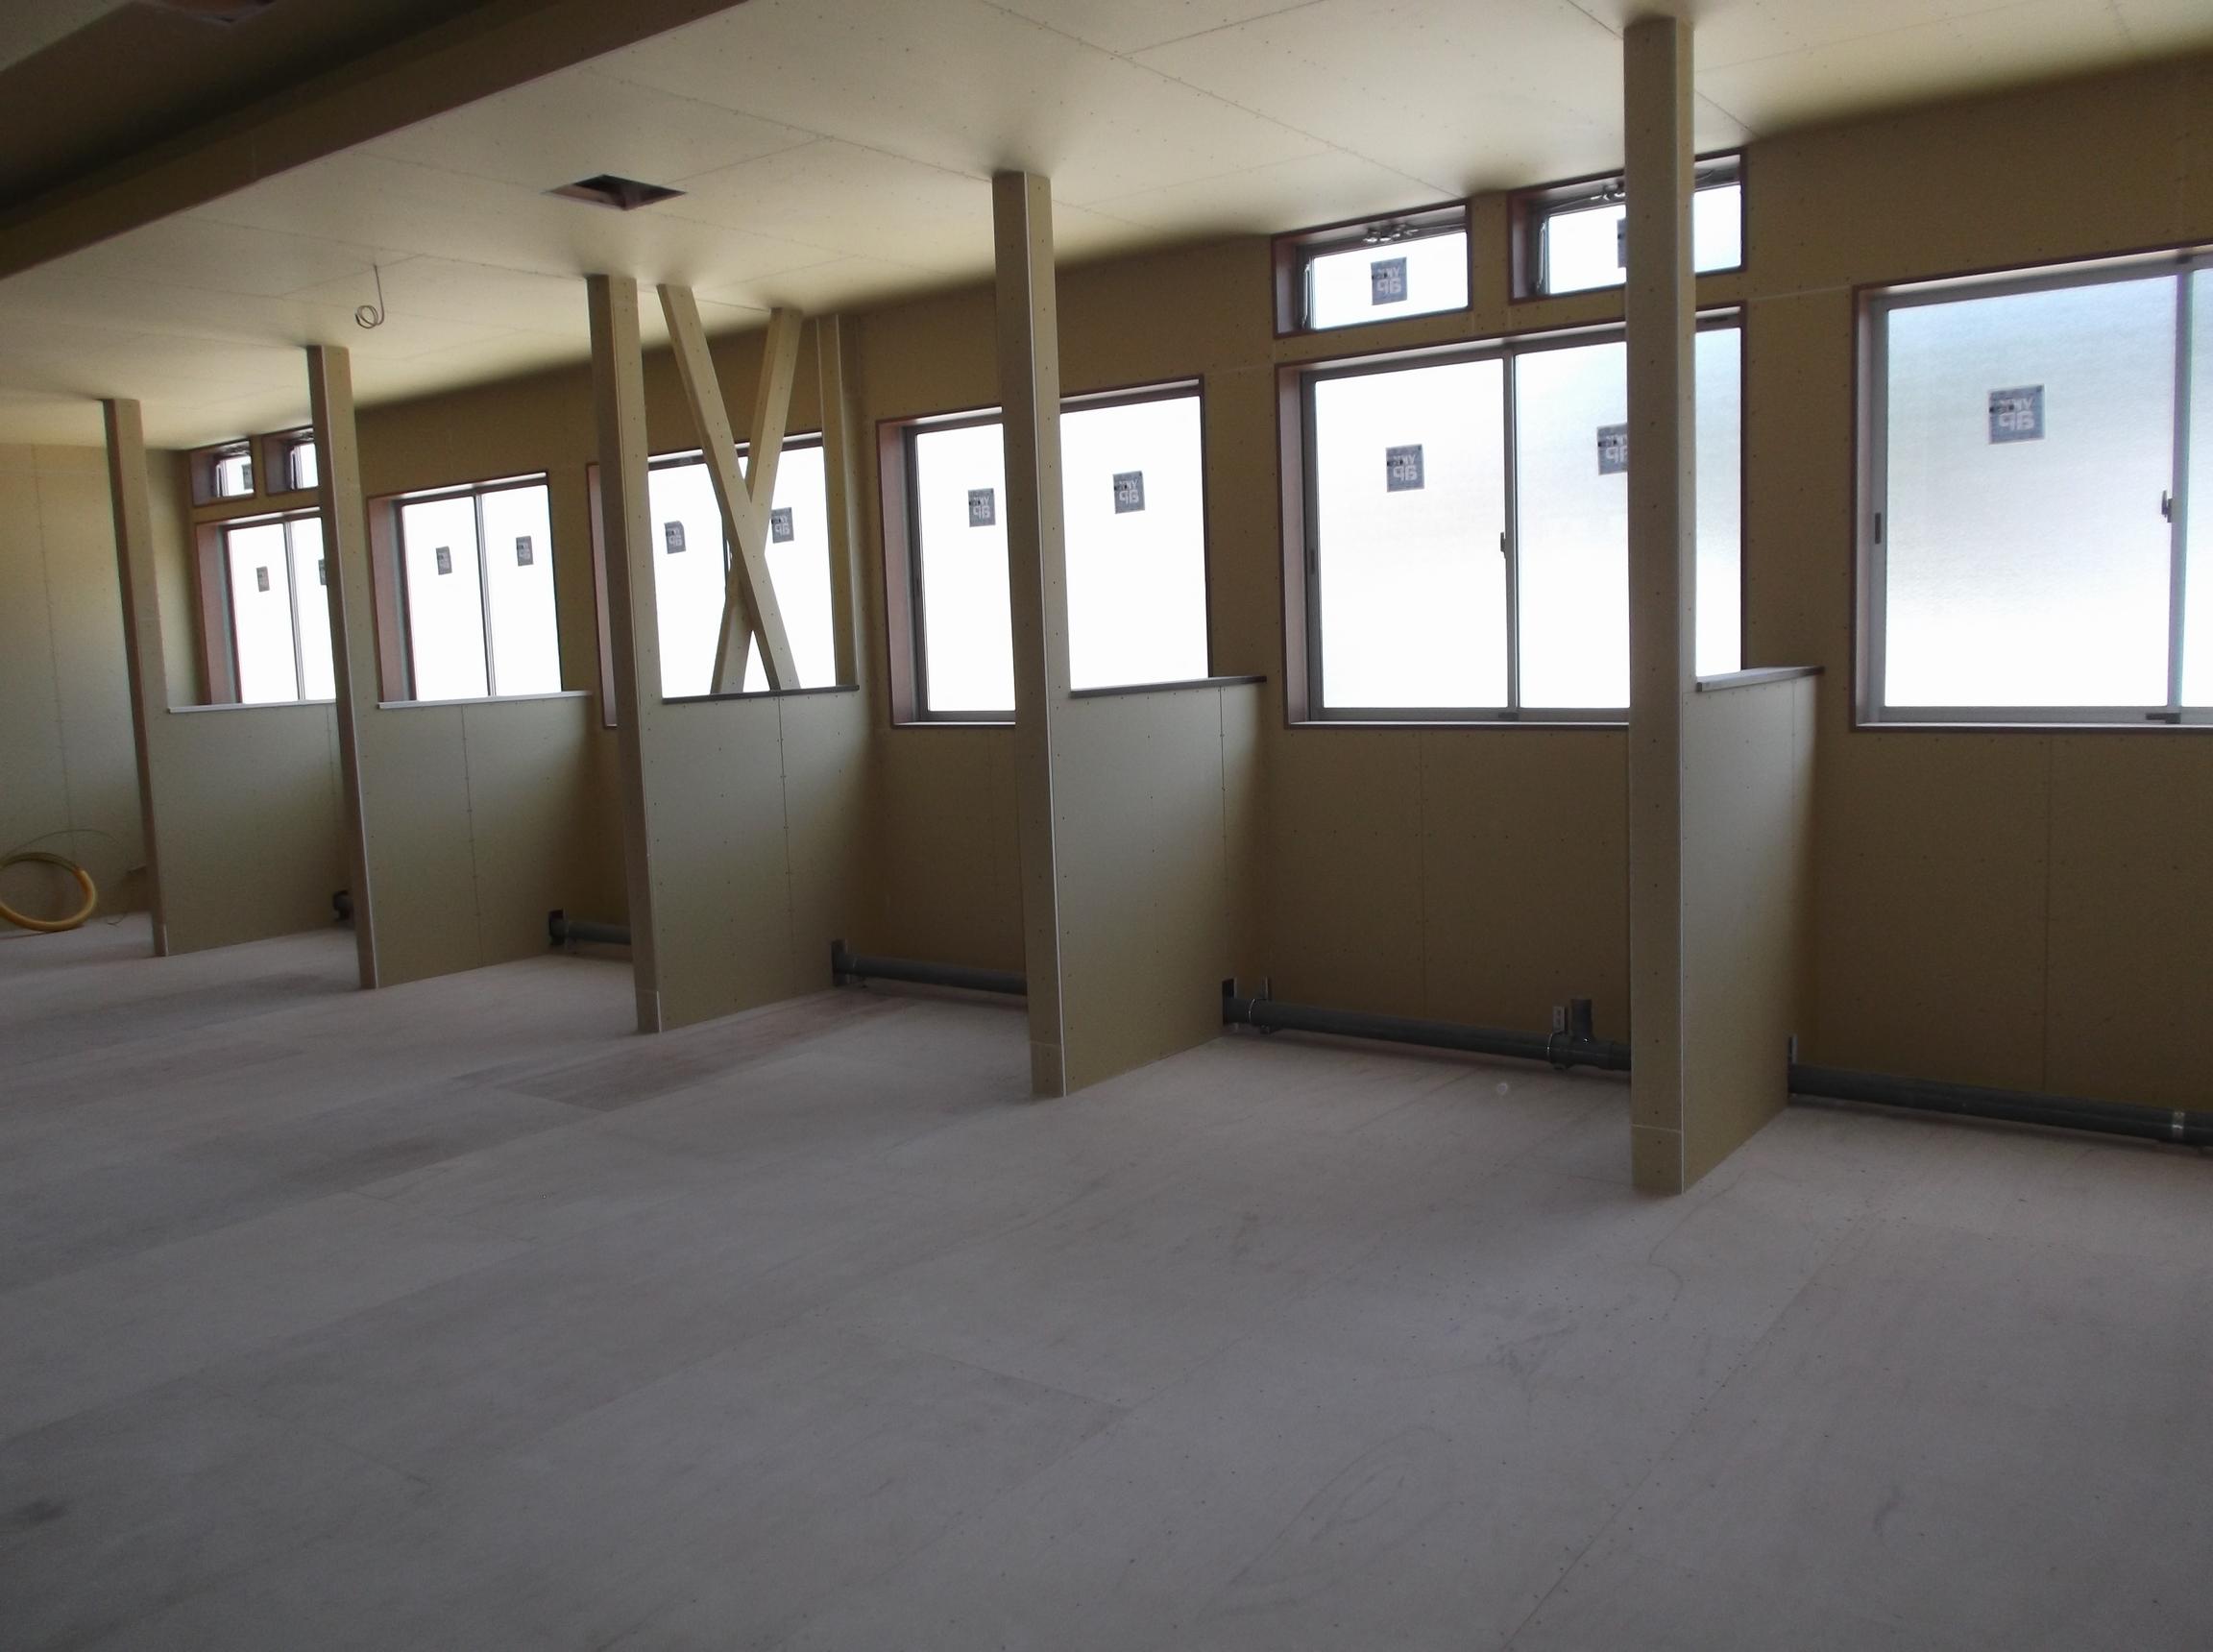 透析室のベッドの間仕切りと明るい窓